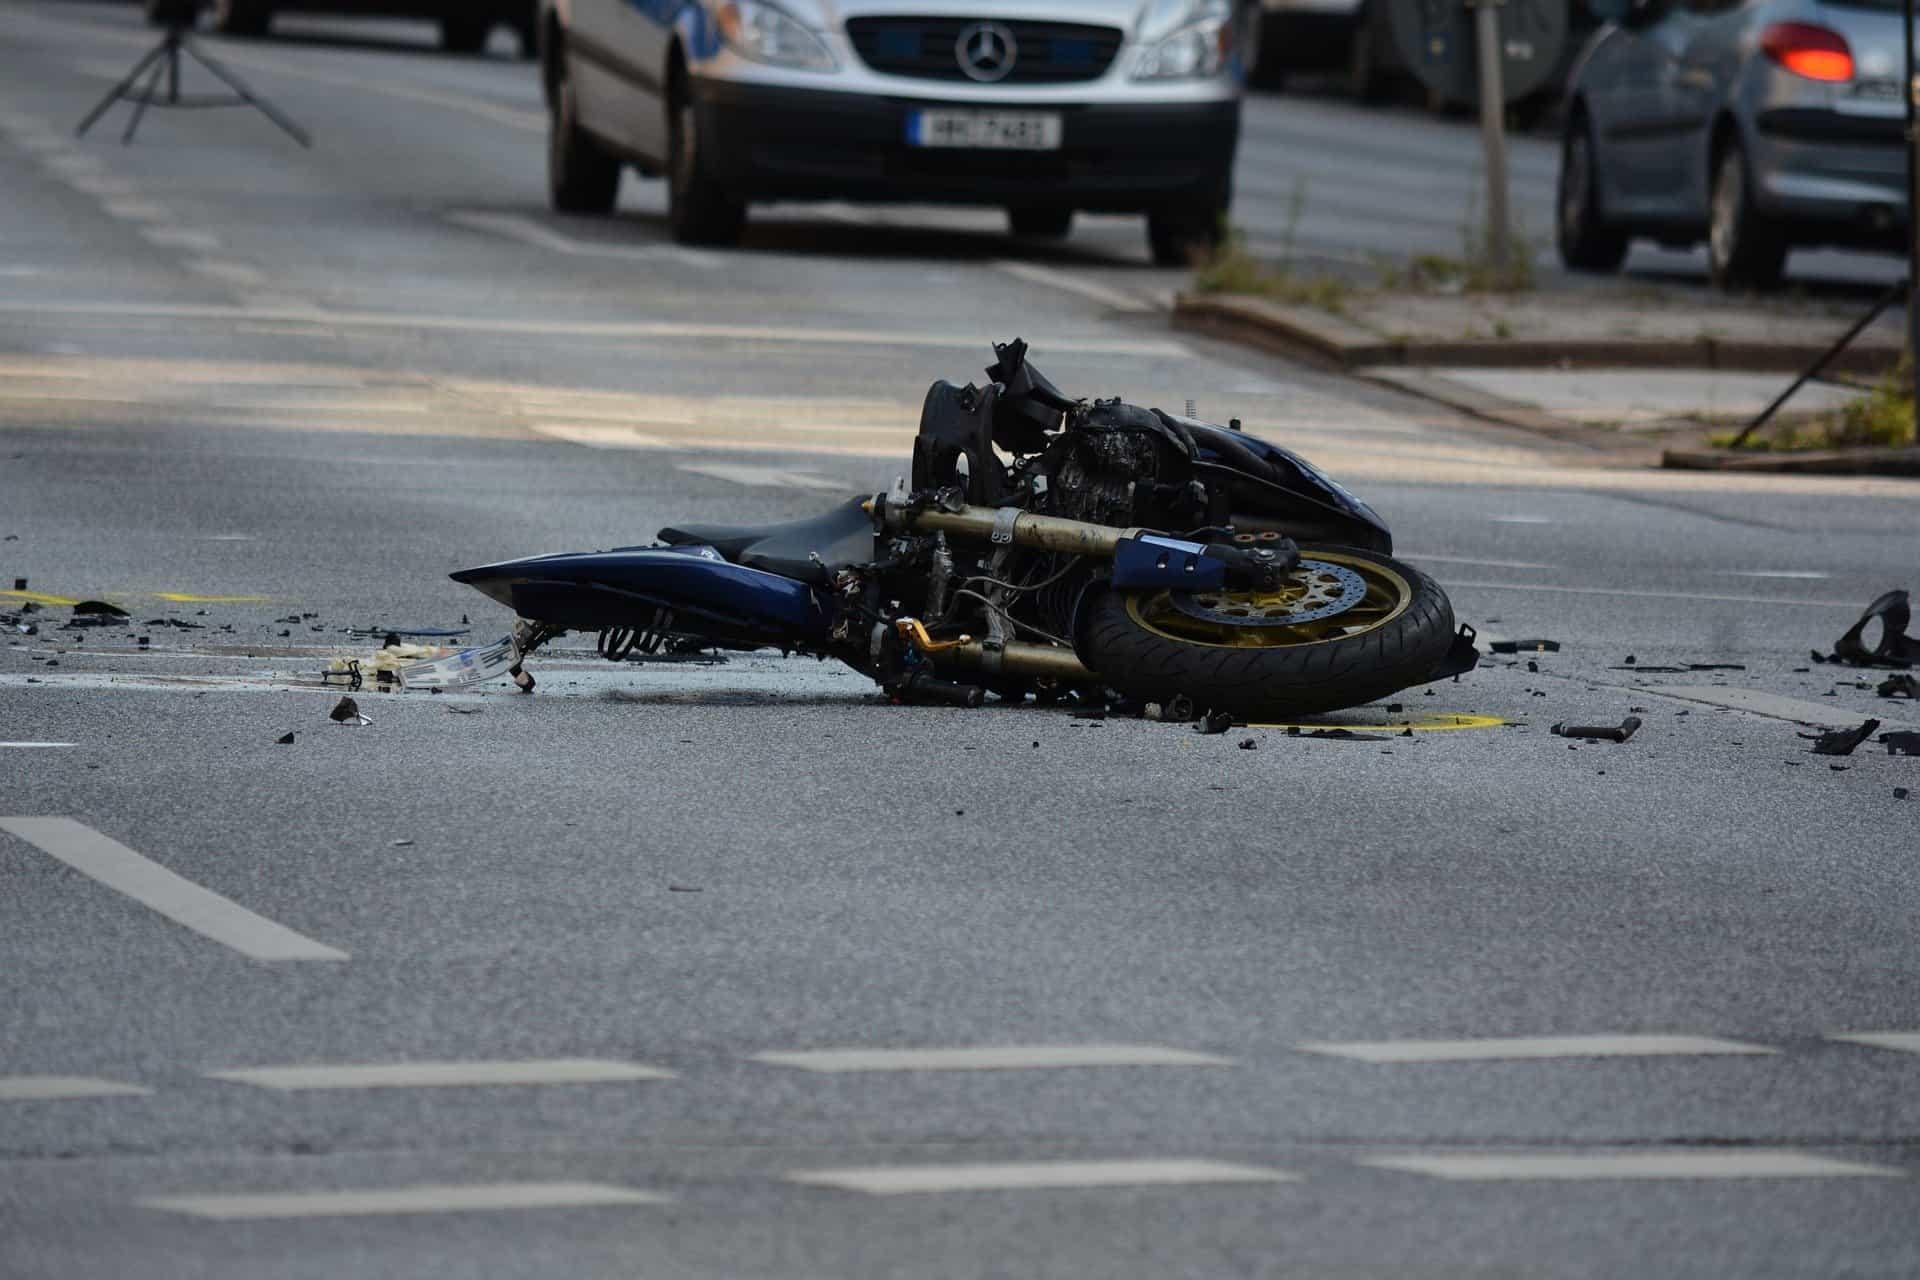 תאונת אופנוע, צילום ארכיון: PIXABAY